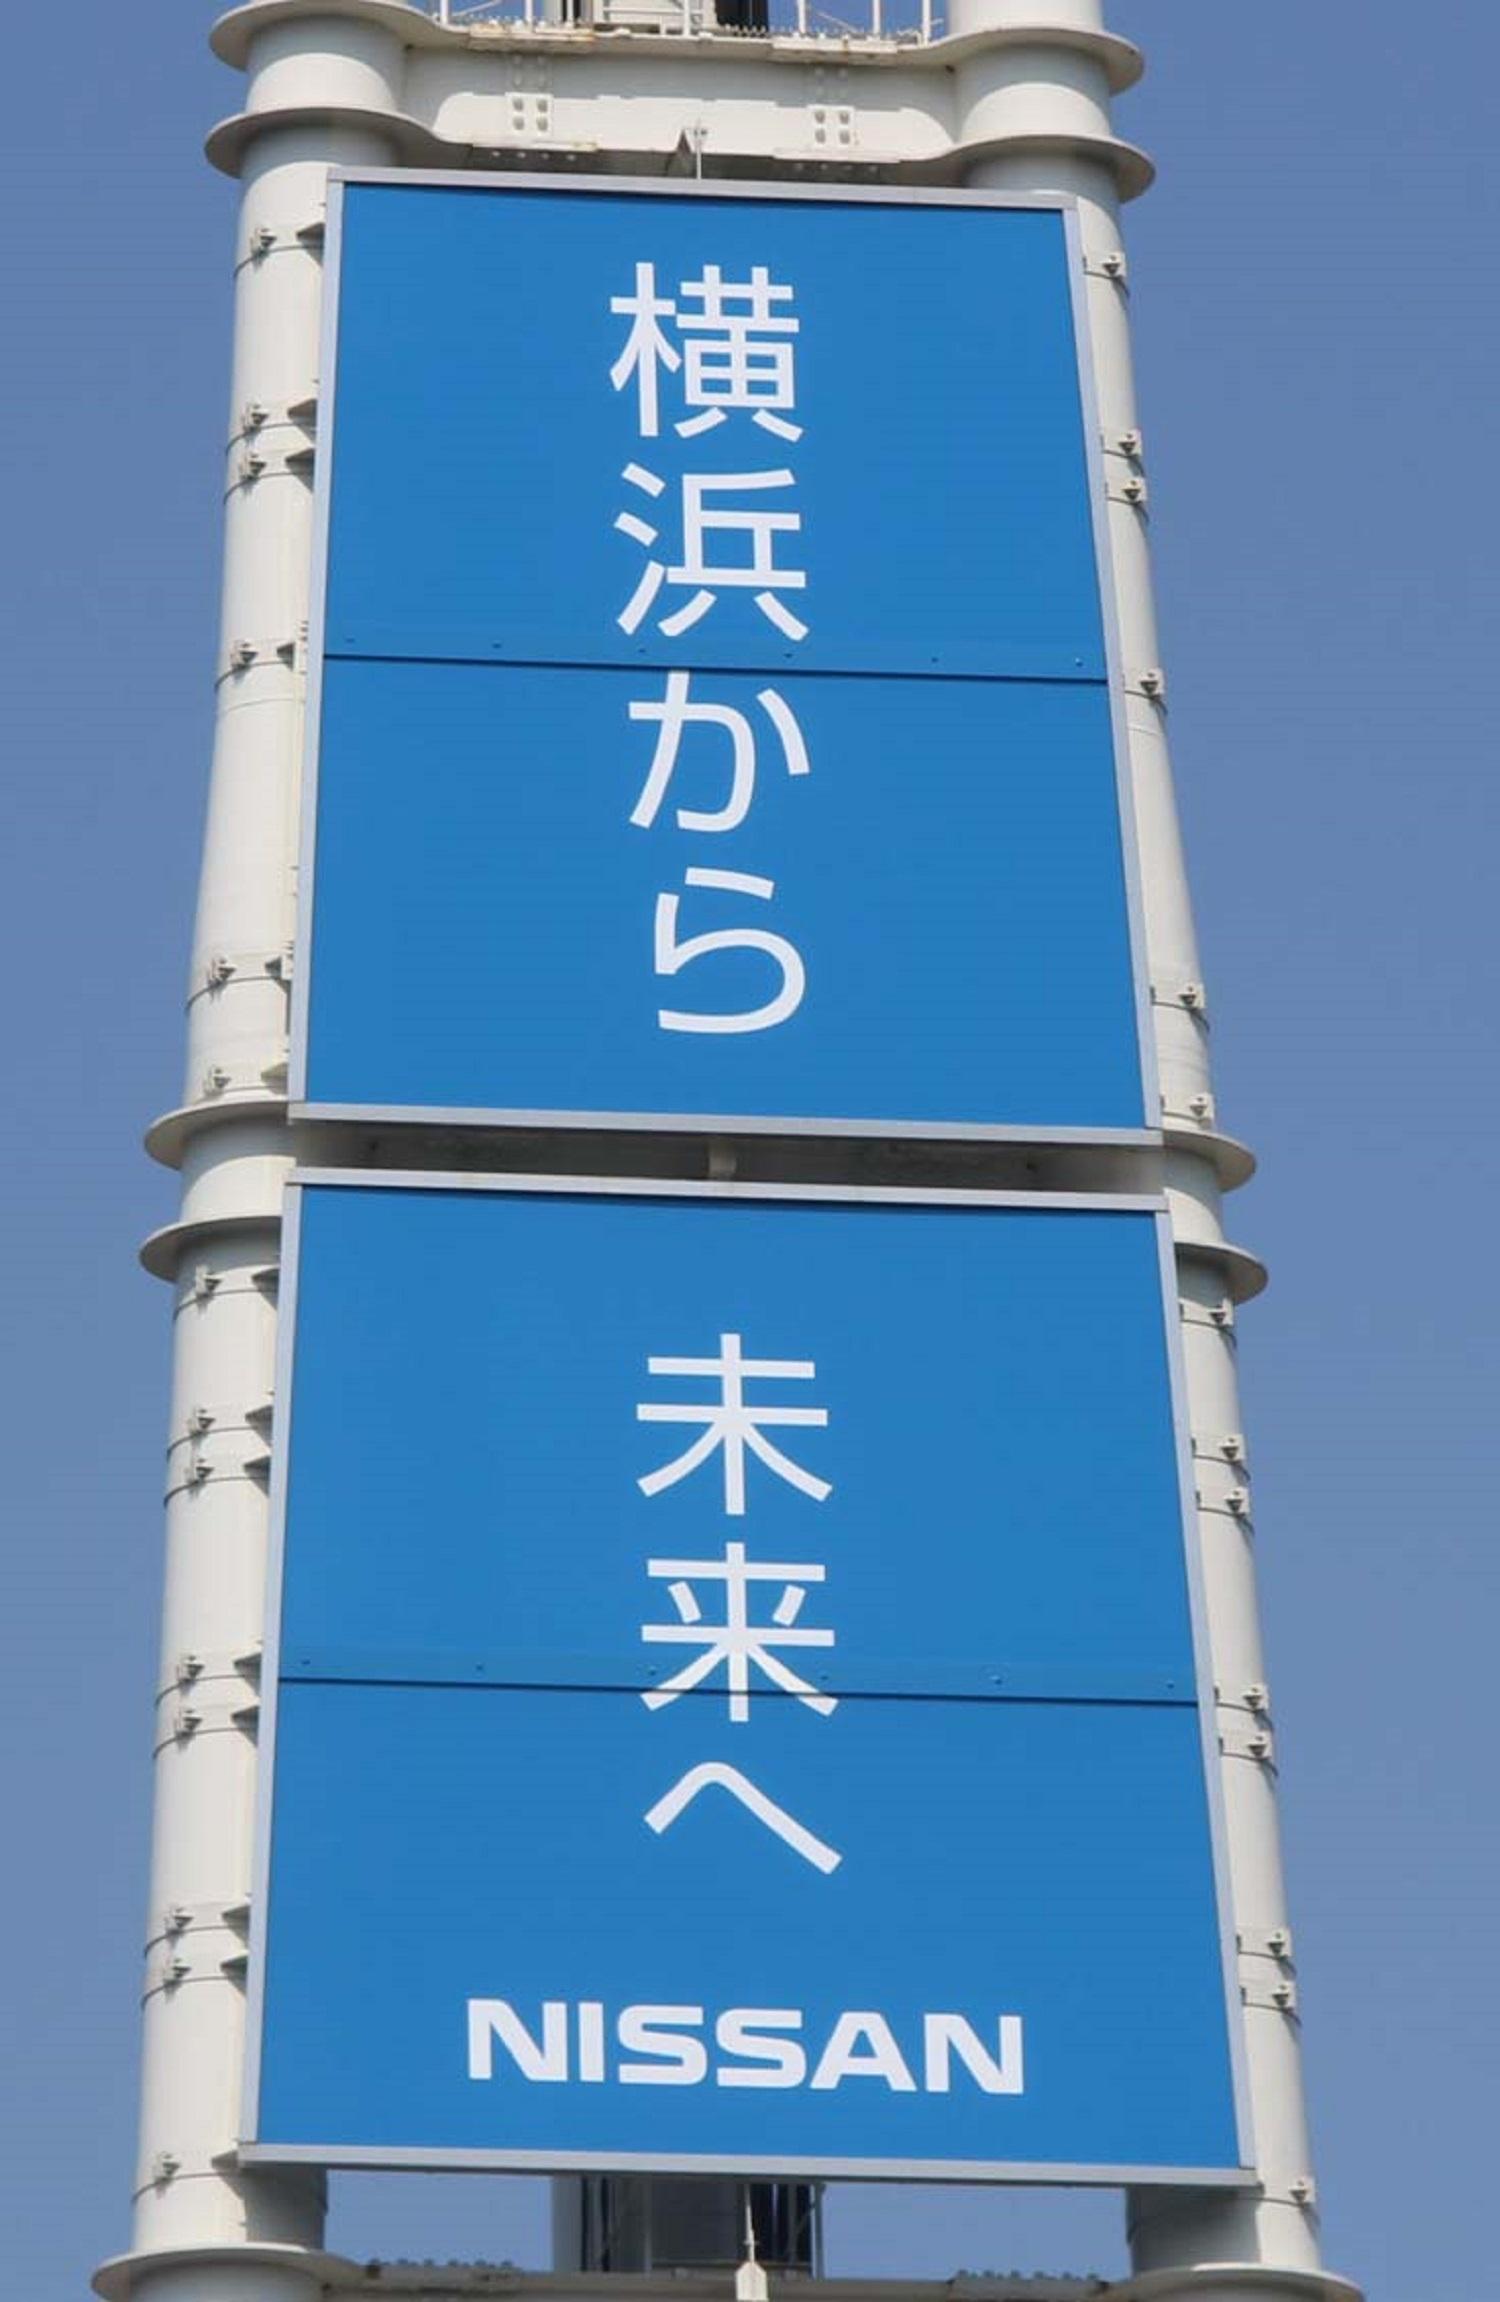 日産自動車(株) ※照明塔広告STARSIDE側